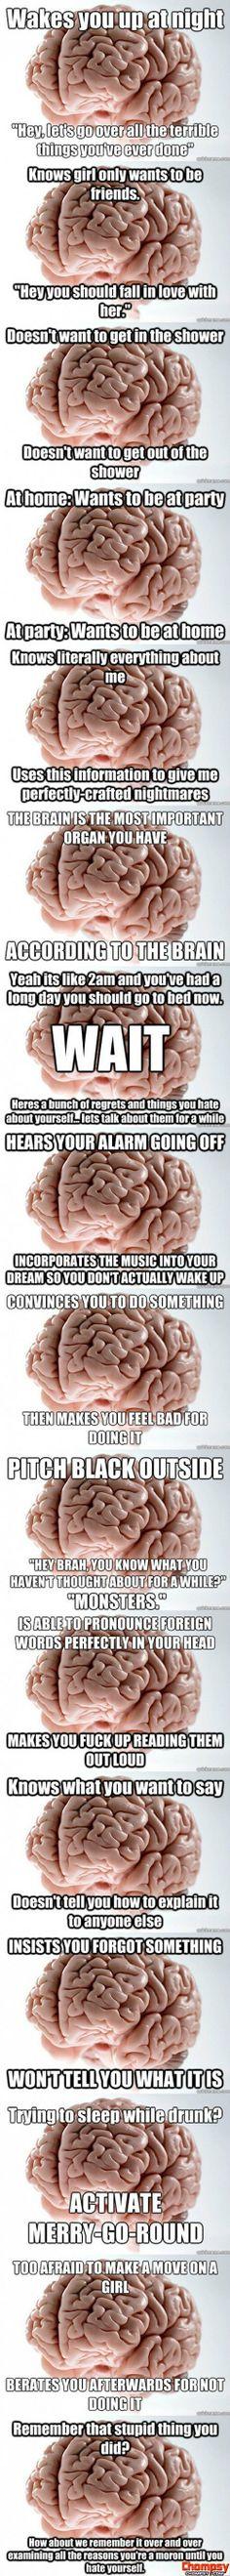 scumbag brain comp